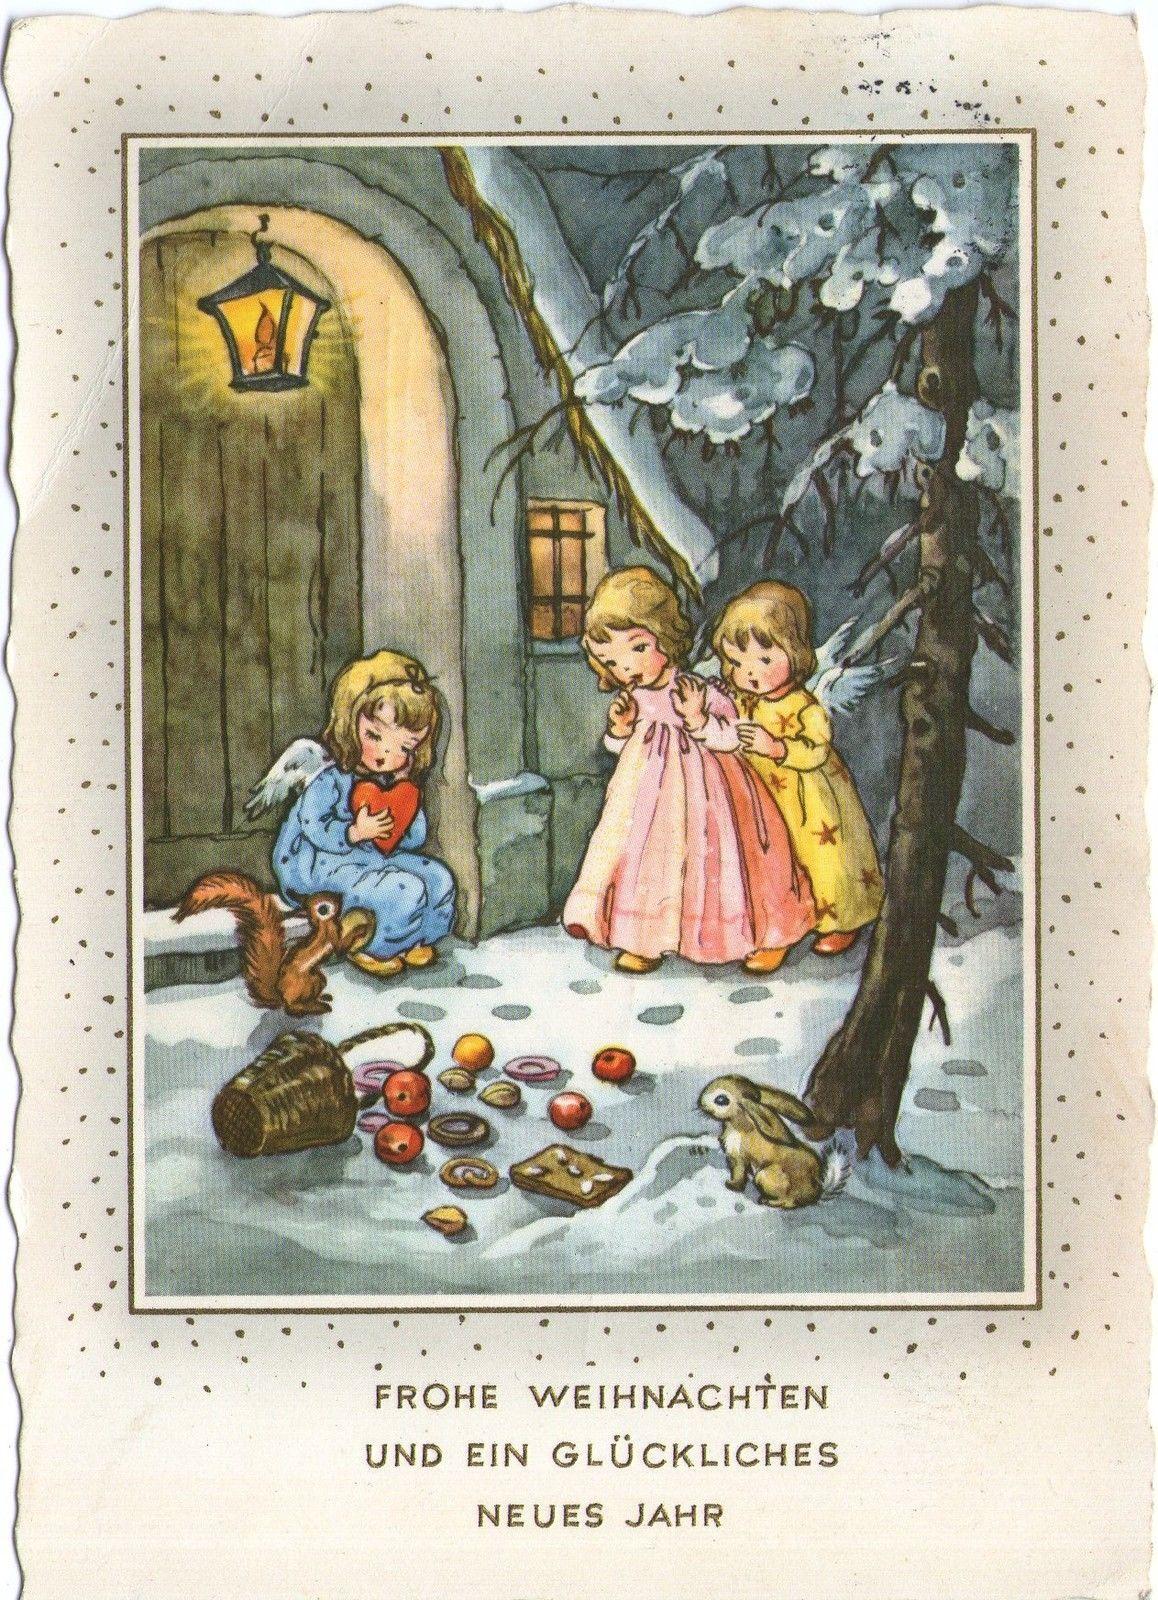 Ak lieselotte fabig distling engel gel 1960 deutschland ebay liselotte fabig - Weihnachtskarten bilder ...